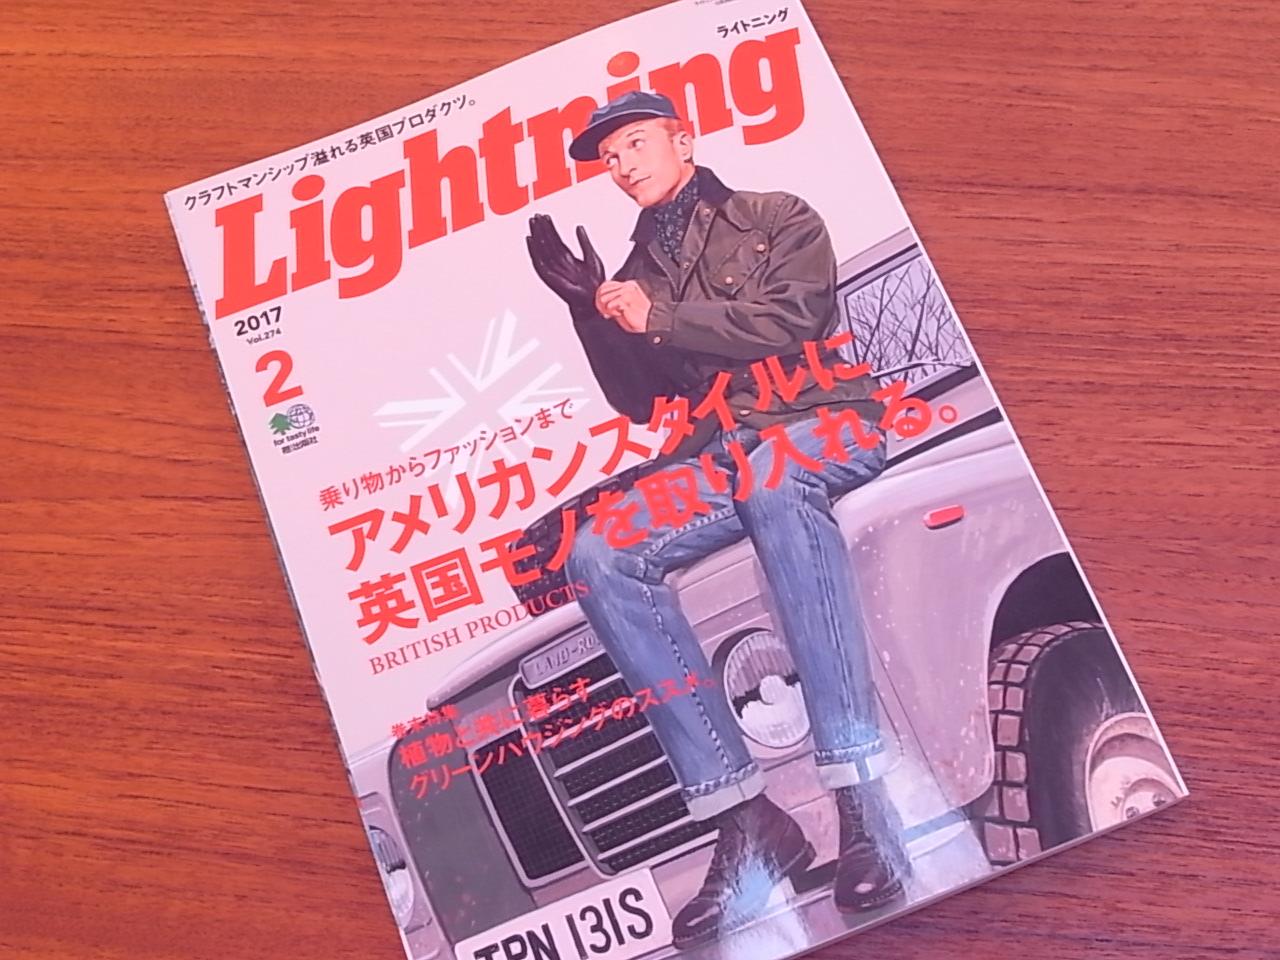 ライトニング 2月号 Vol.274 発売!